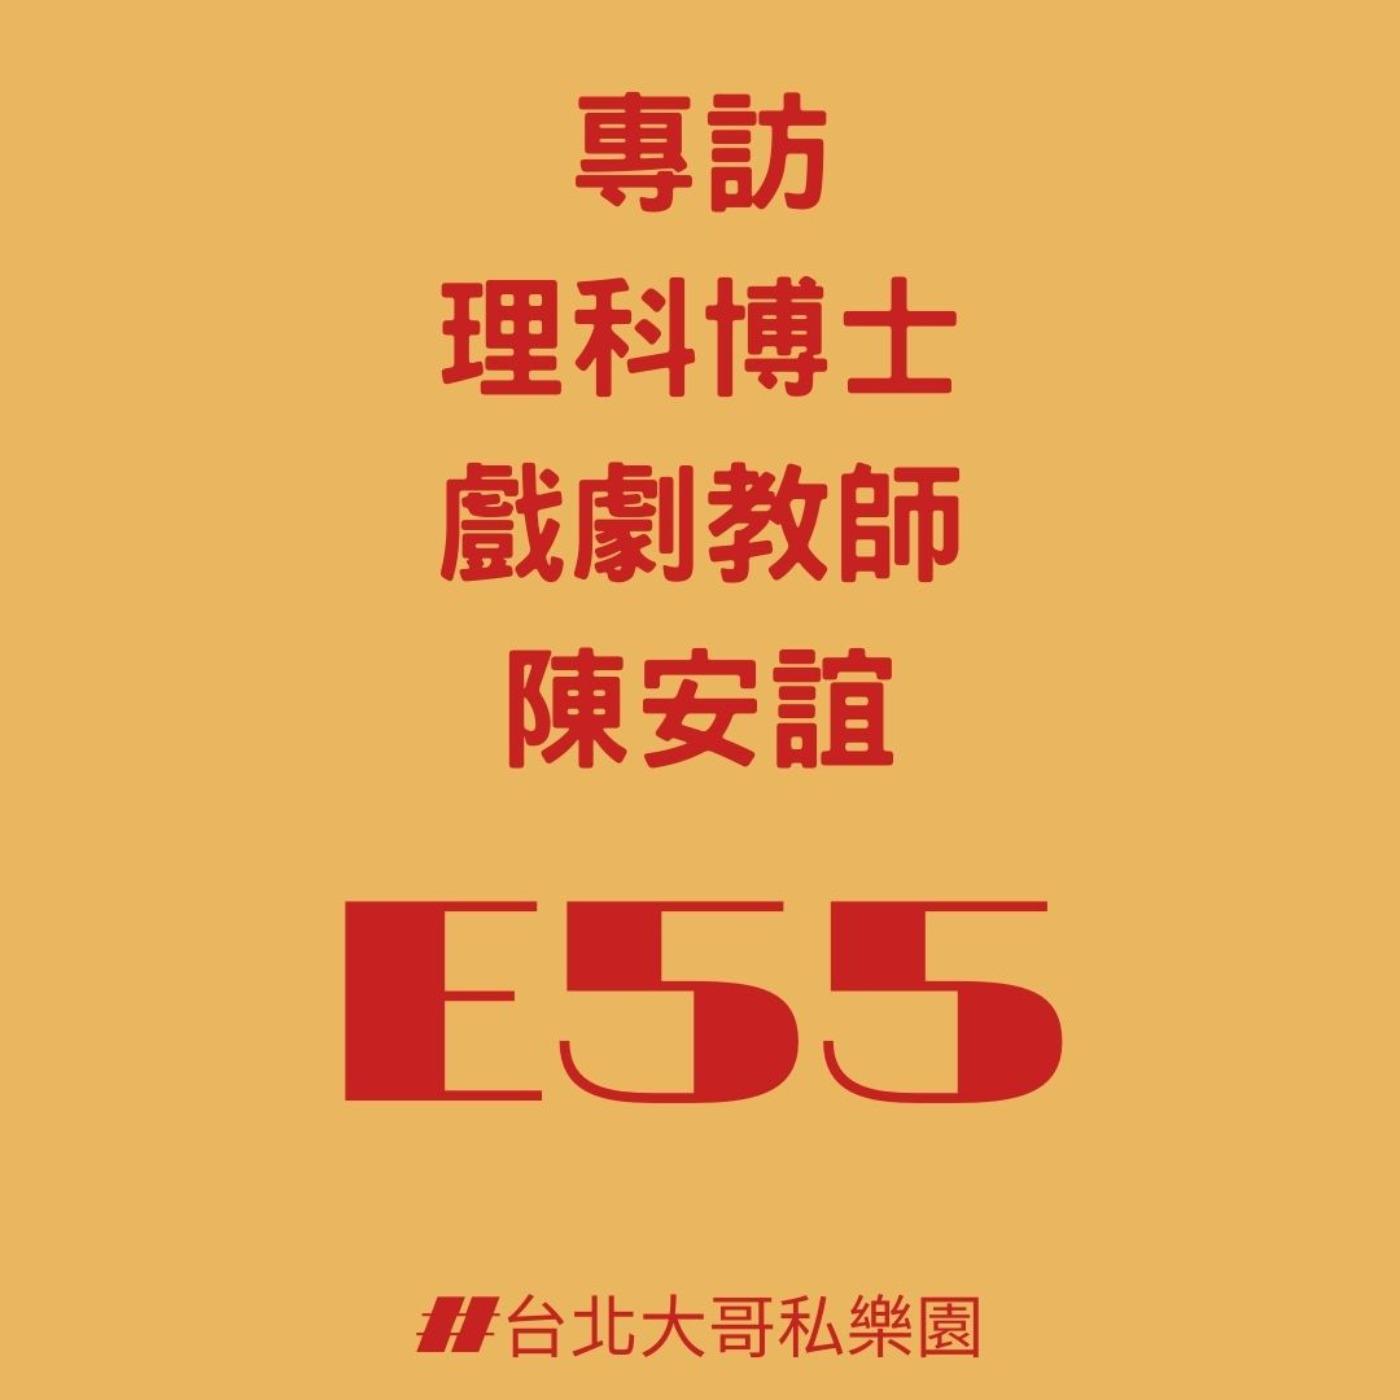 專訪理科博士與戲劇教師陳安誼 E55